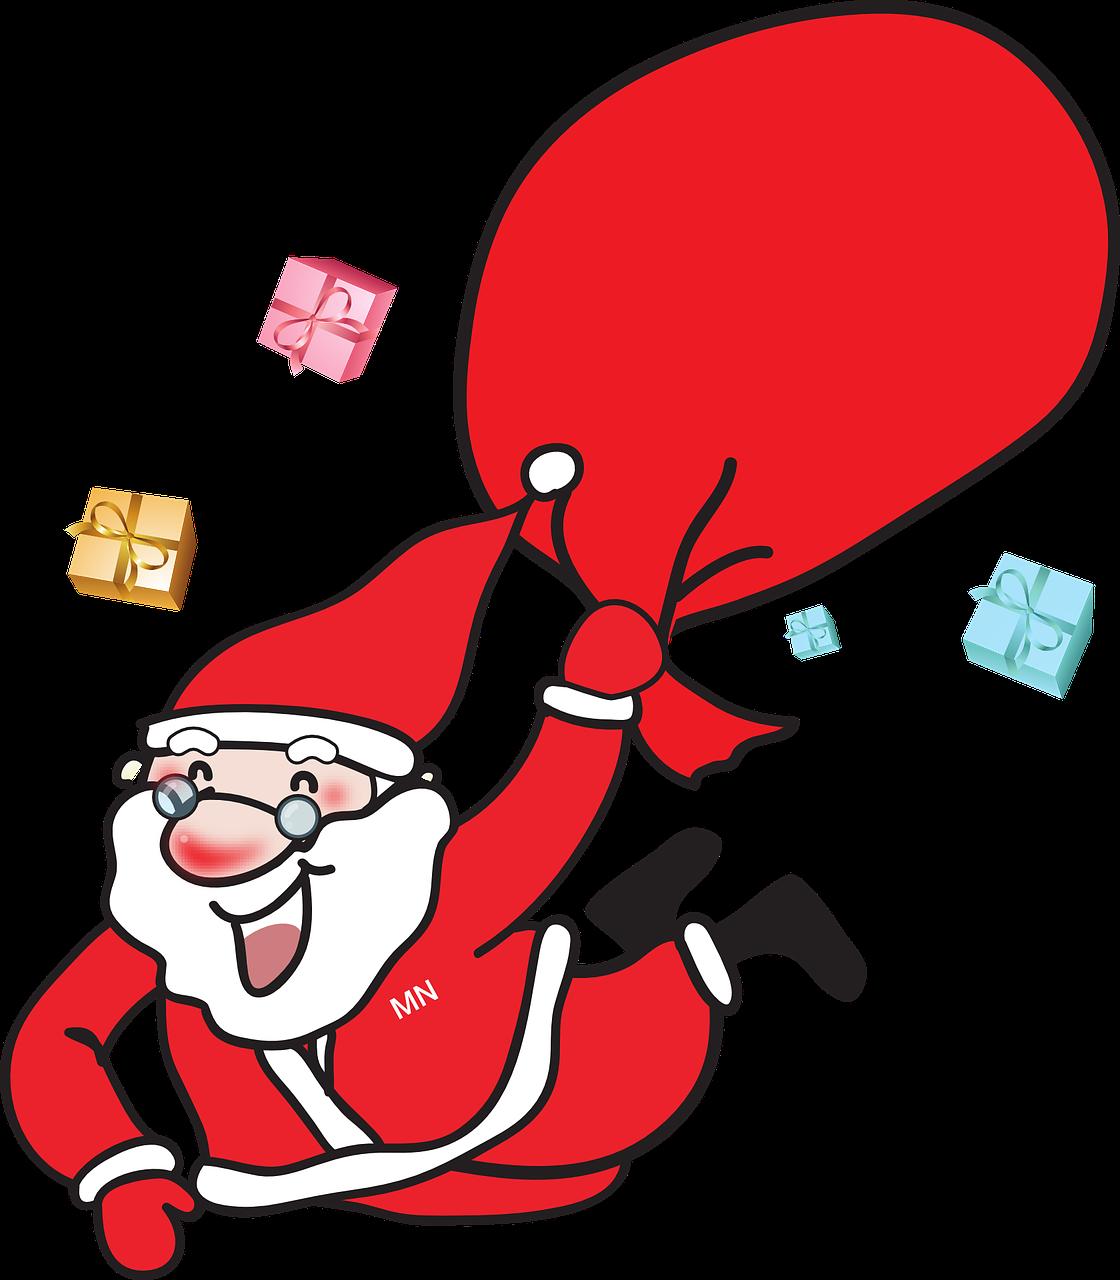 santa claus, christmas, gift